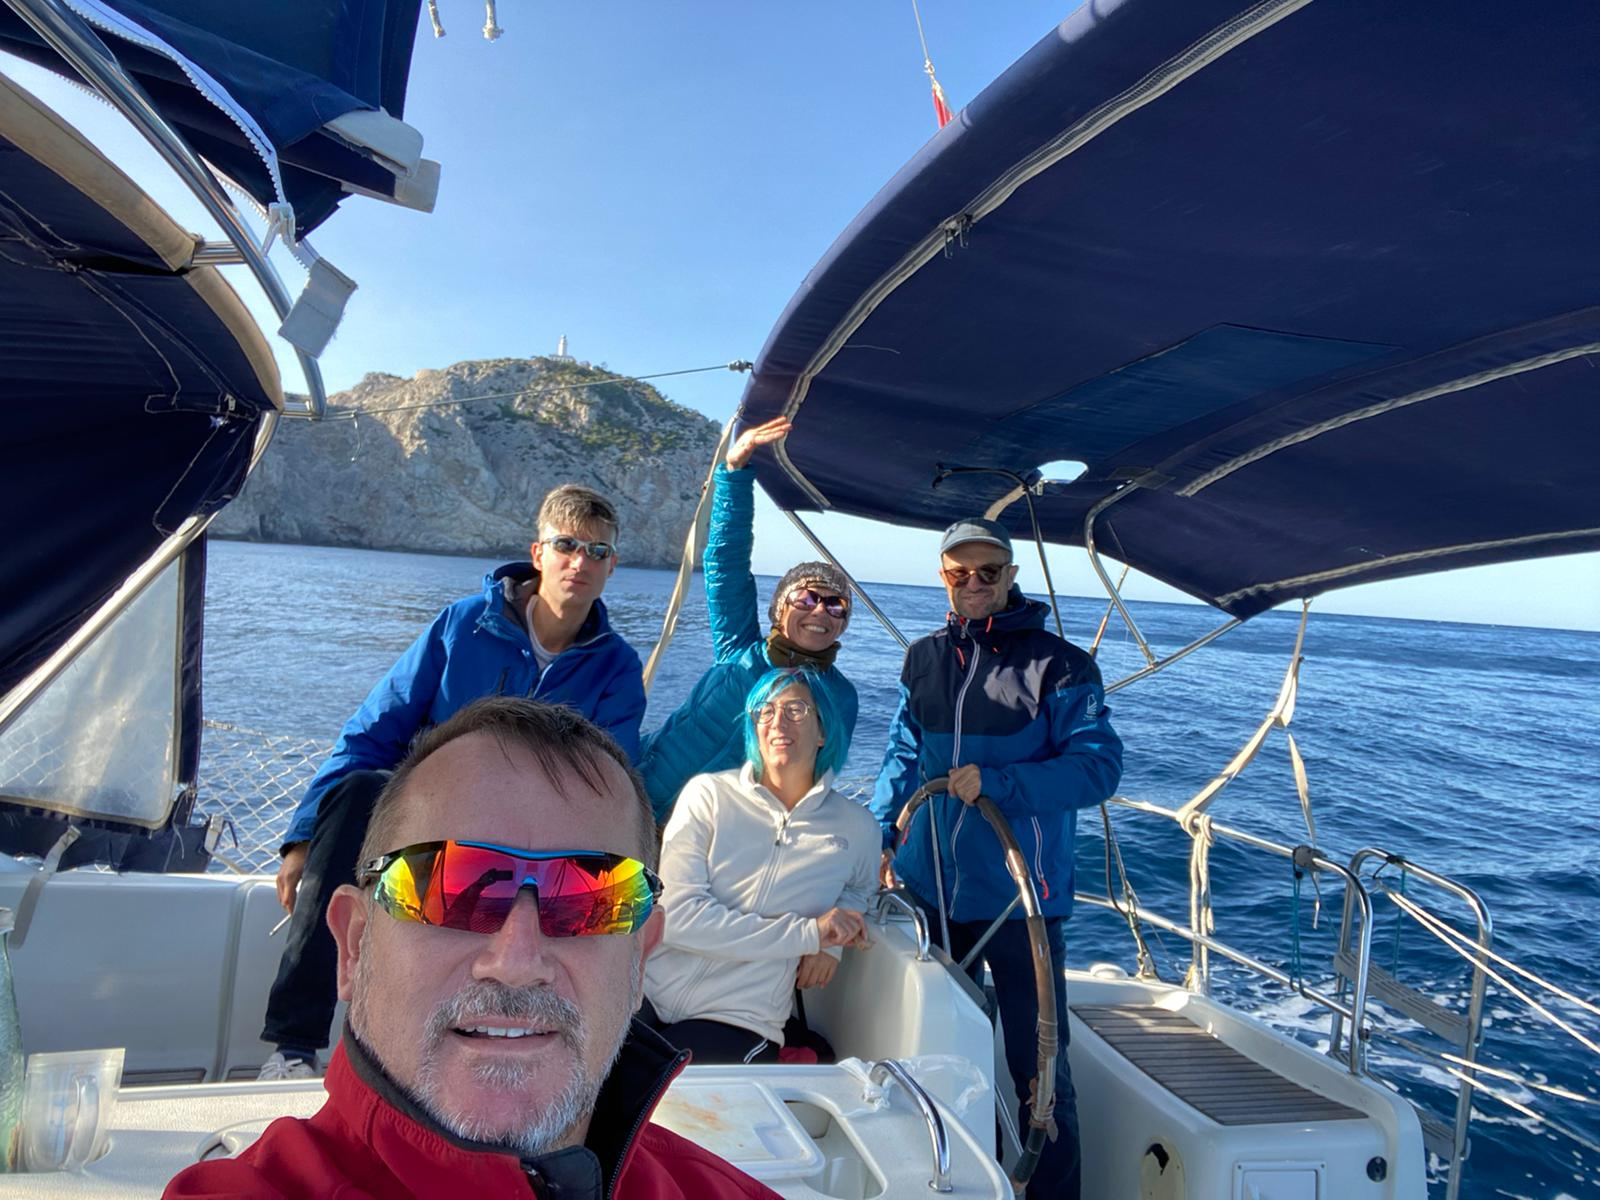 Salida de navegación de la comunidad Naveguem mes